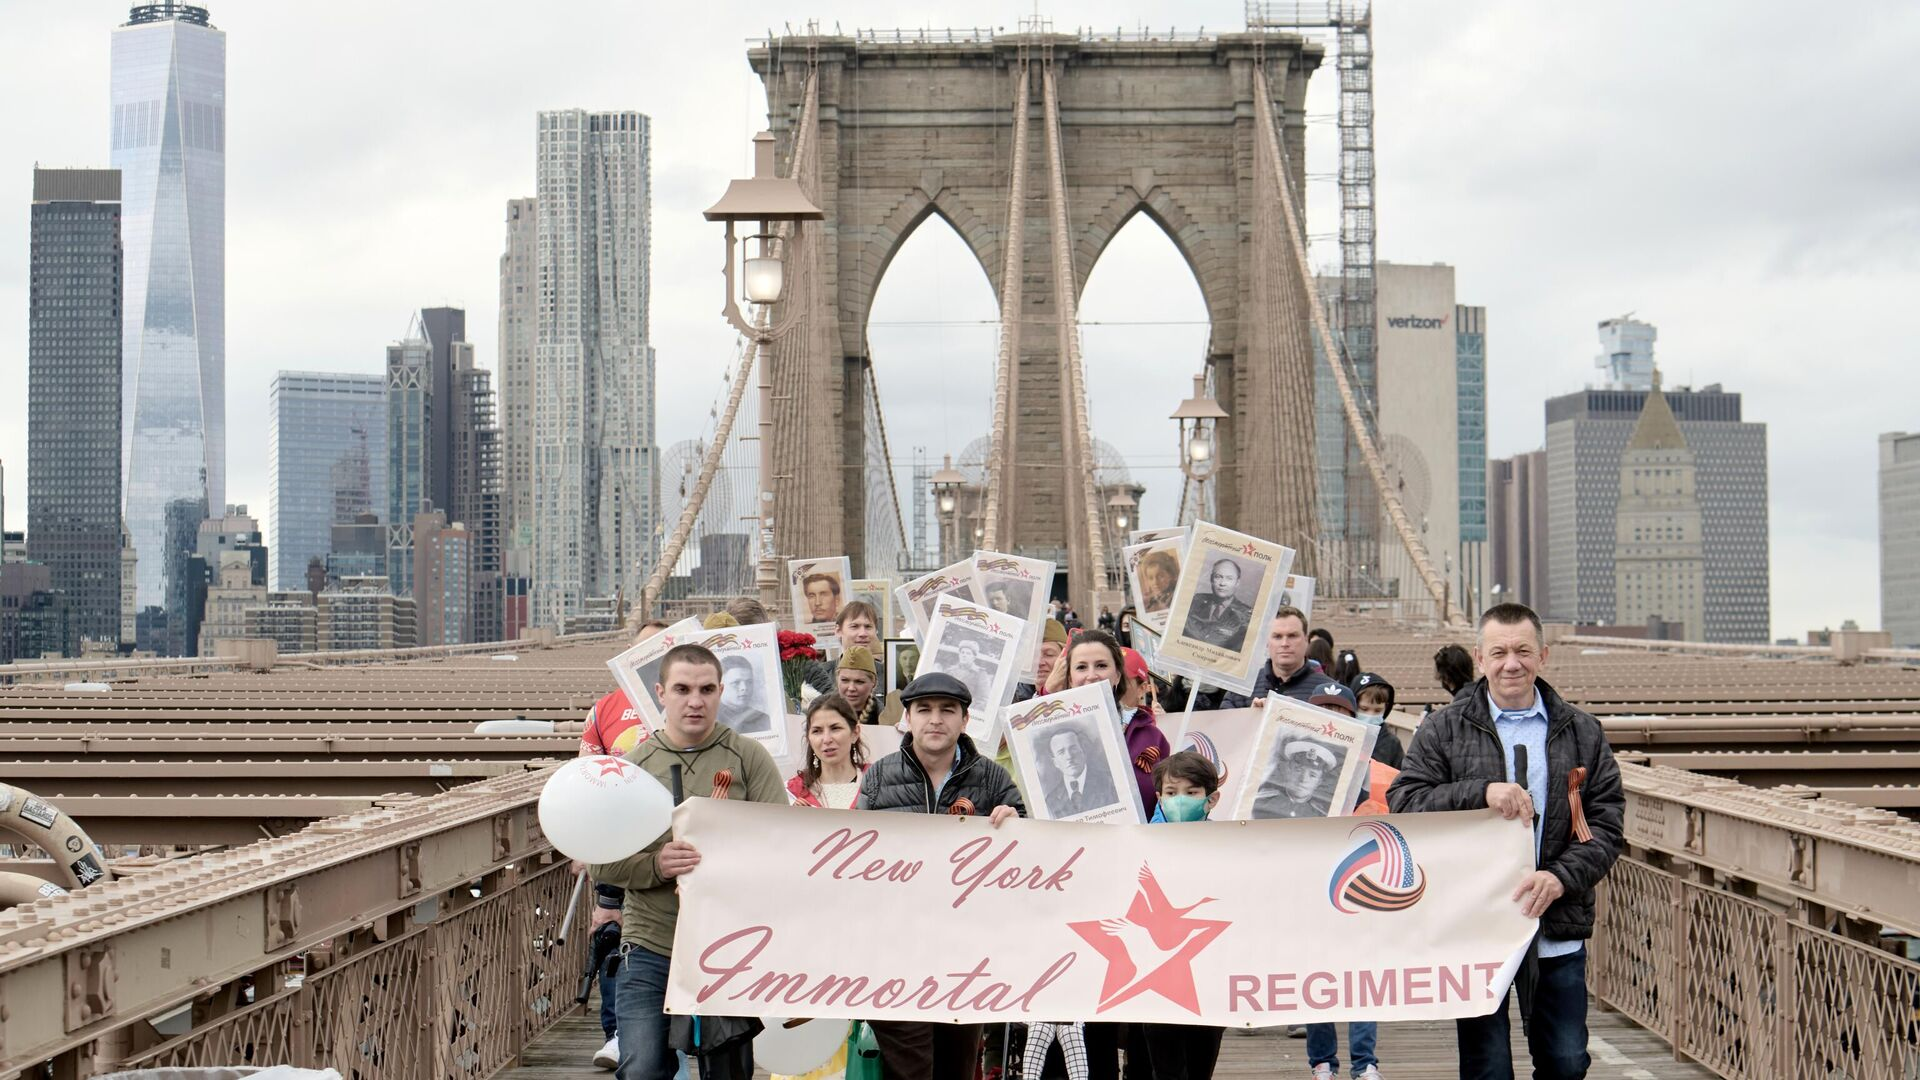 Участники акции Бессмертный полк в честь 76-й годовщины Победы в Великой Отечественной войне на Бруклинском мосту в Нью-Йорке. 8 мая 2021 - РИА Новости, 1920, 08.05.2021